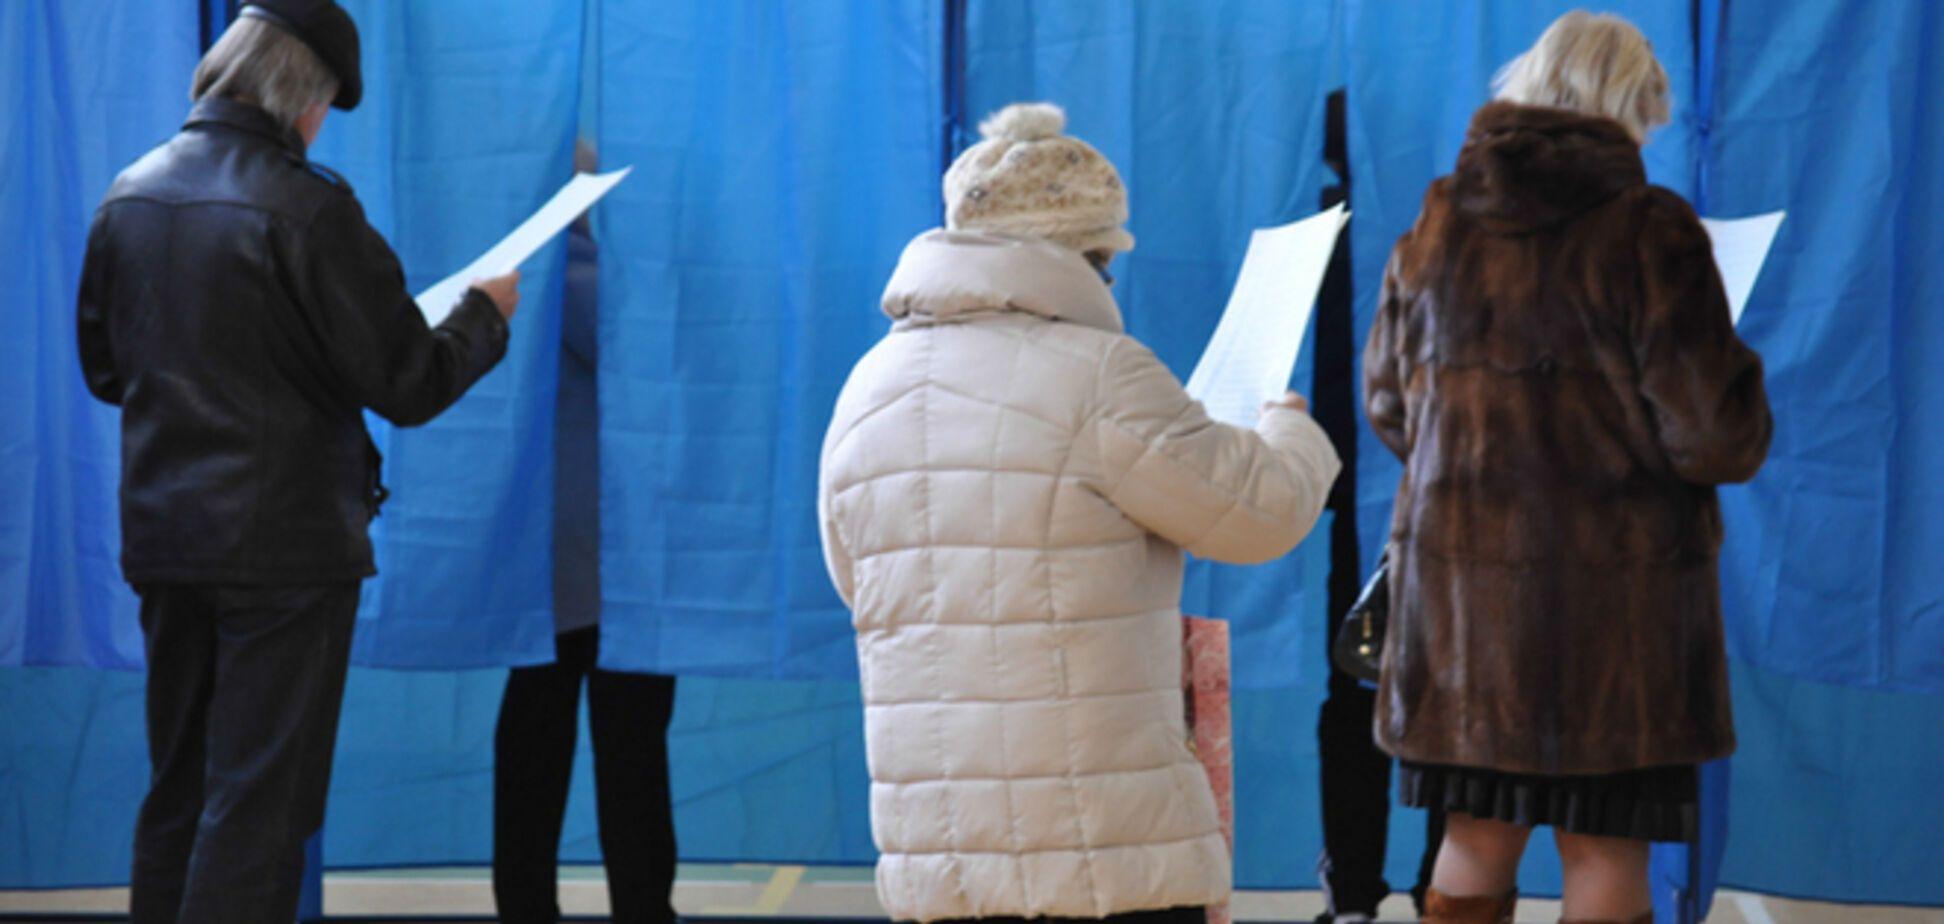 Выборы прошли спокойно и стабильно, без провокаций и терактов - МВД